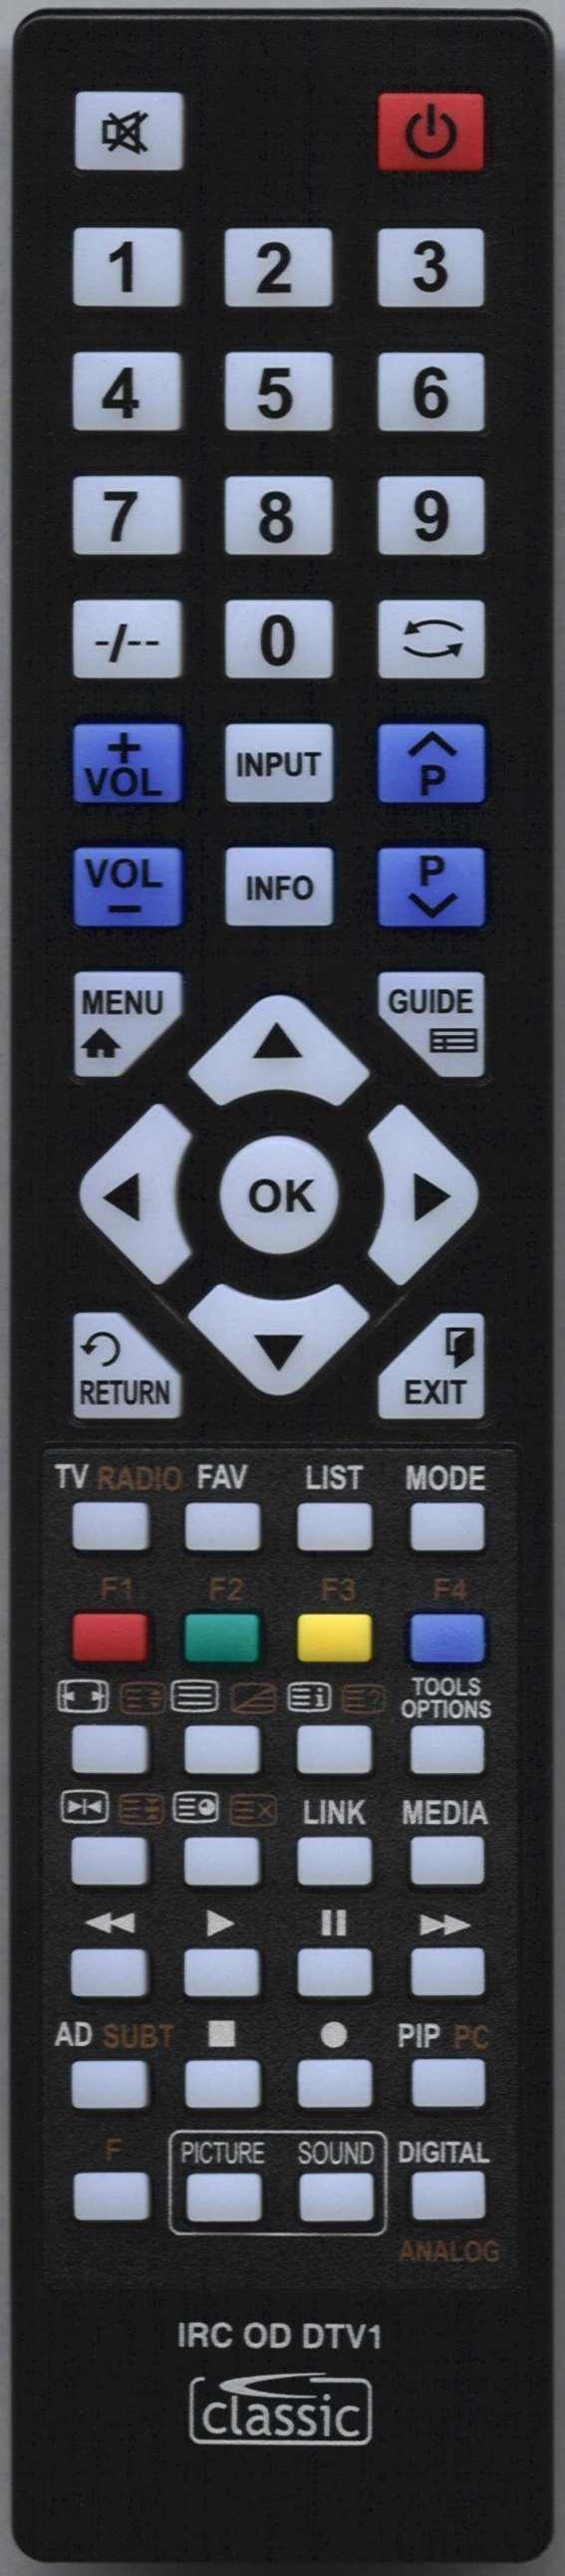 Cello C65238T2 SMART 4K Remote Control Alternative